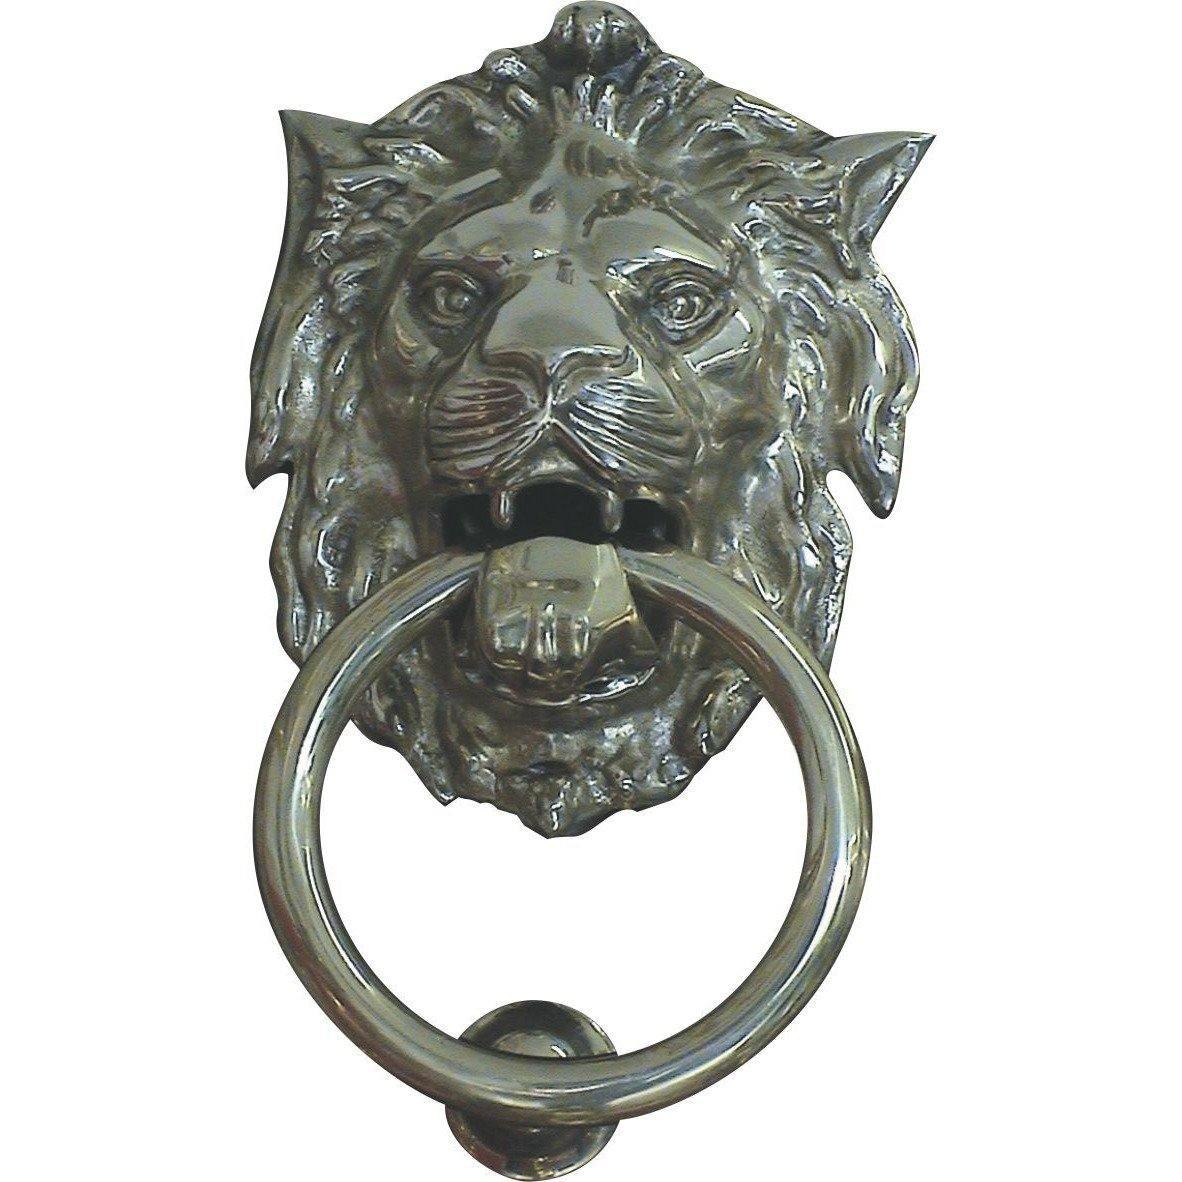 Lion head door knocker